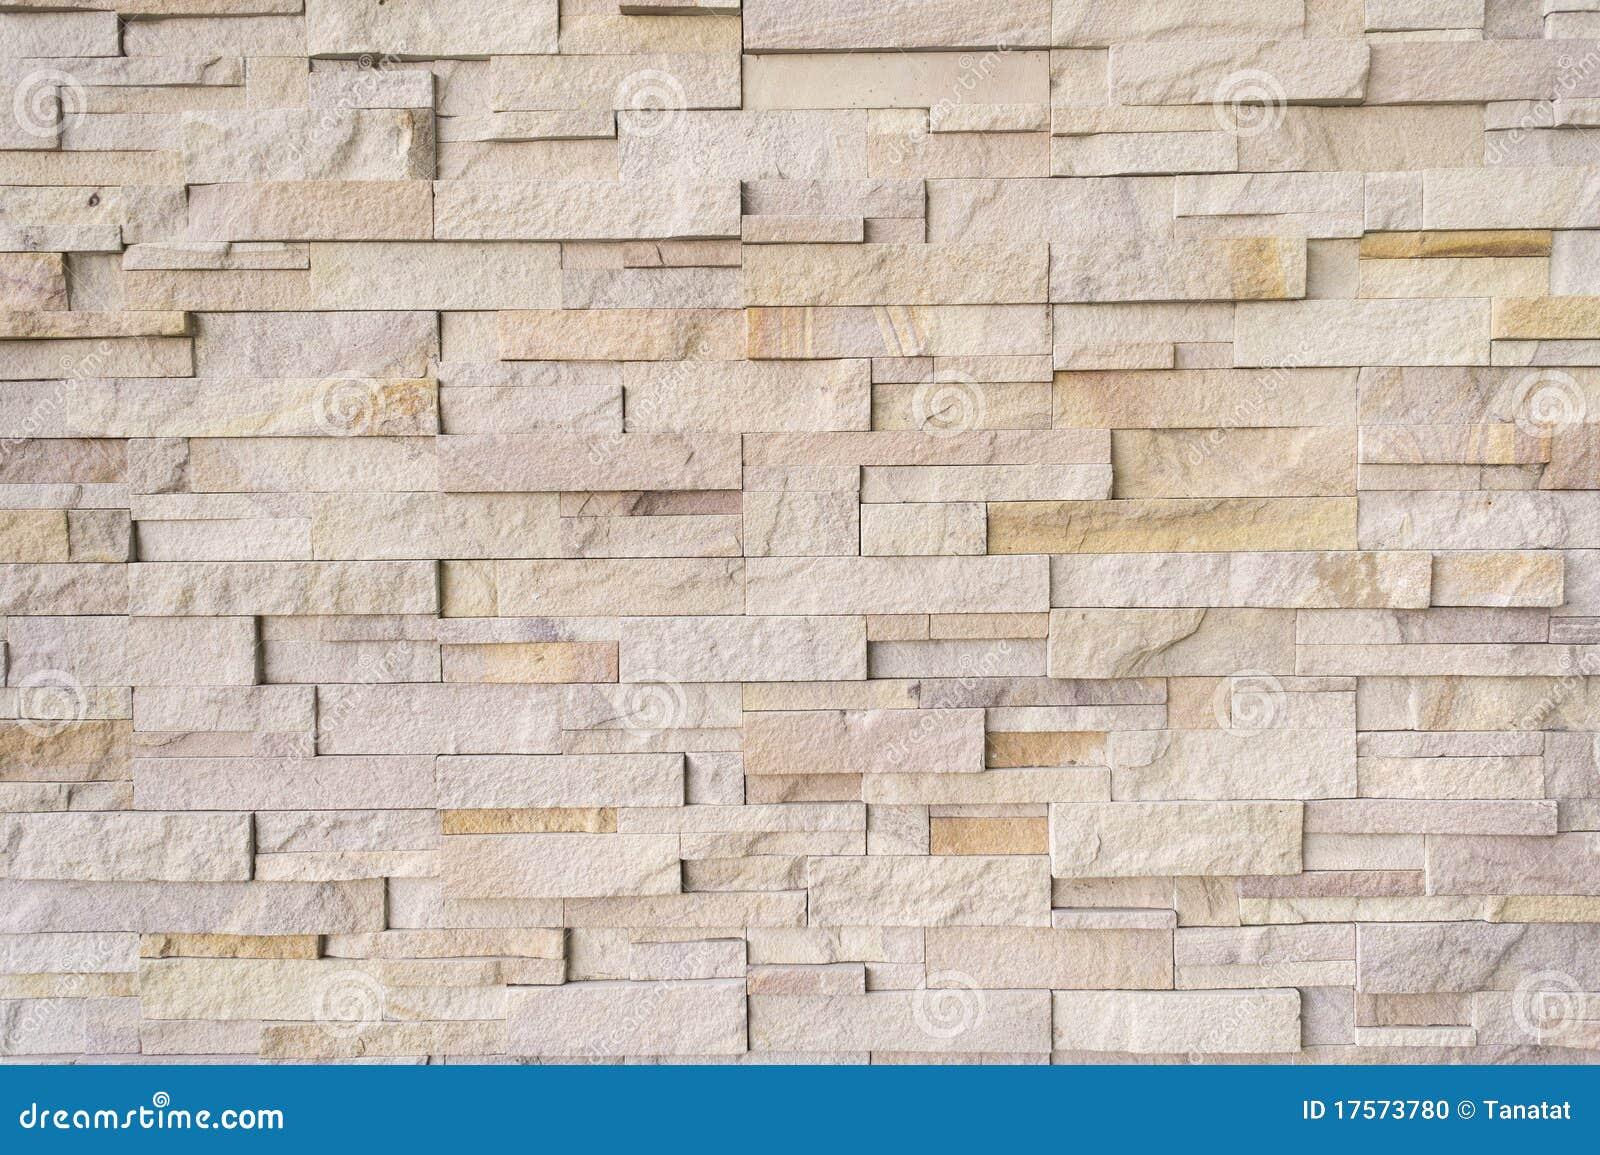 Pattern Of Modern Brick Wall Stock Photo Image 17573780